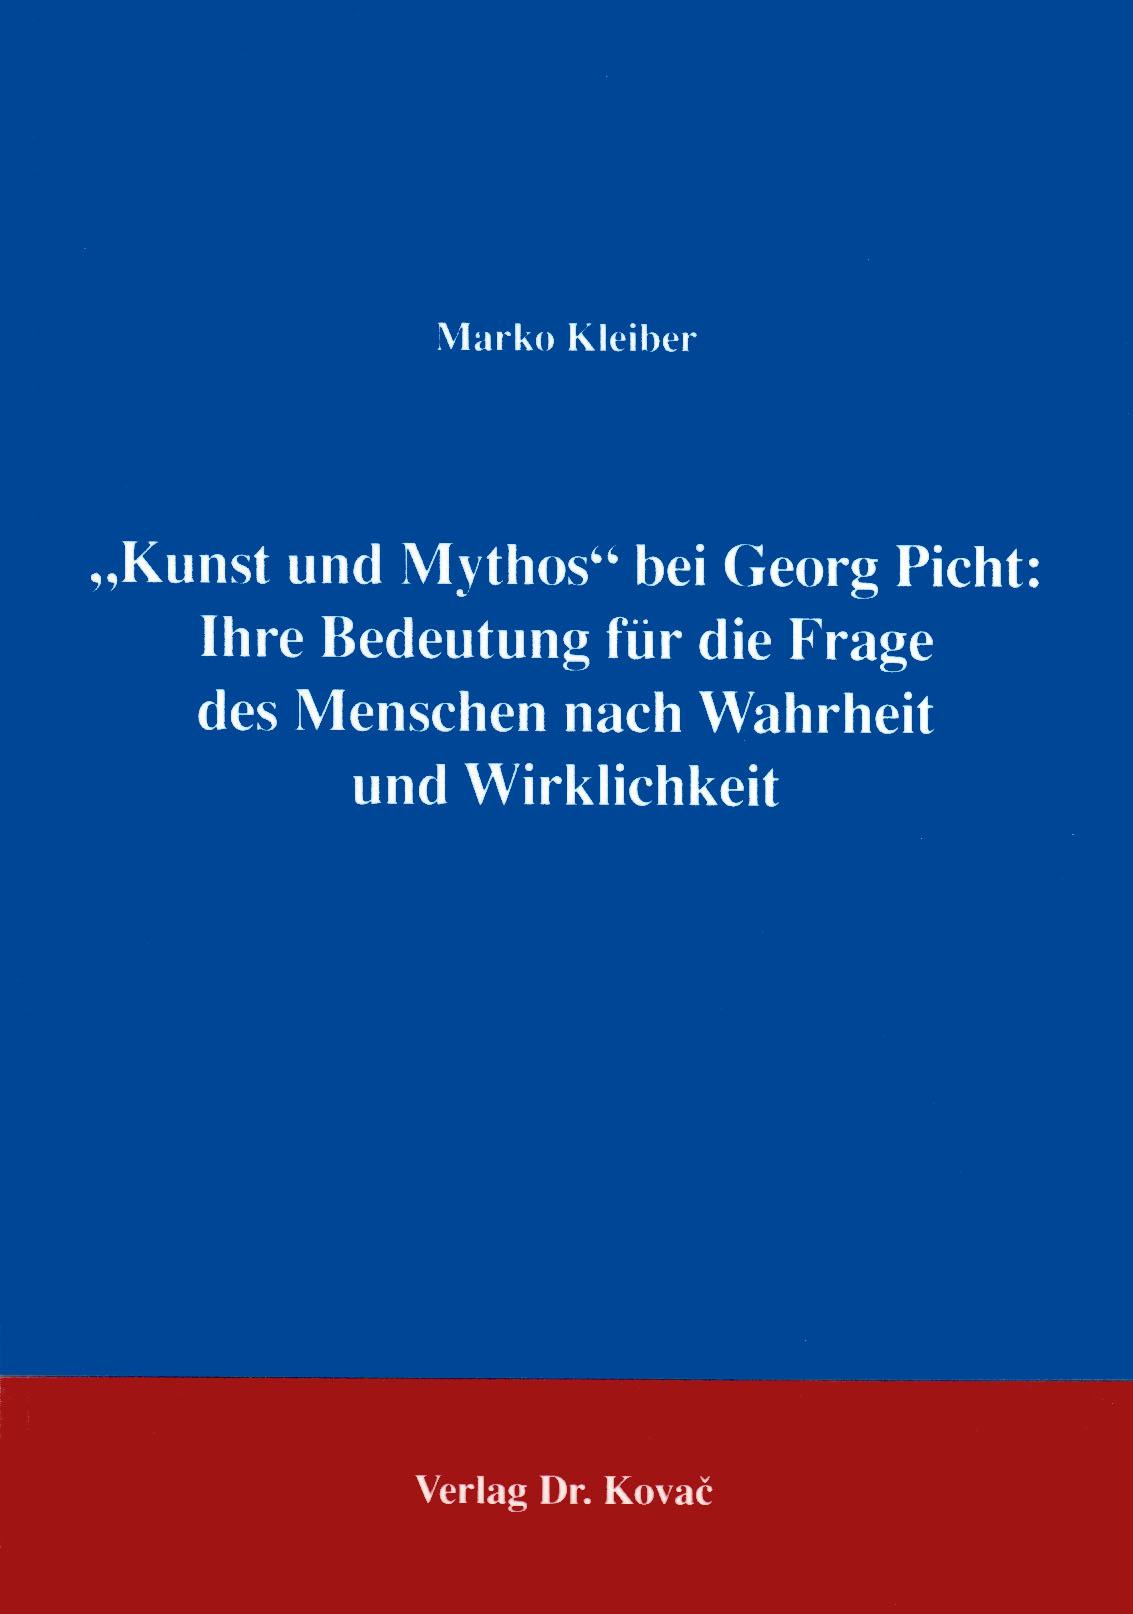 Cover: Kunst und Mythos bei Georg Picht: Ihre Bedeutung für die Frage des Menschen nach Wahrheit und Wirklichkeit